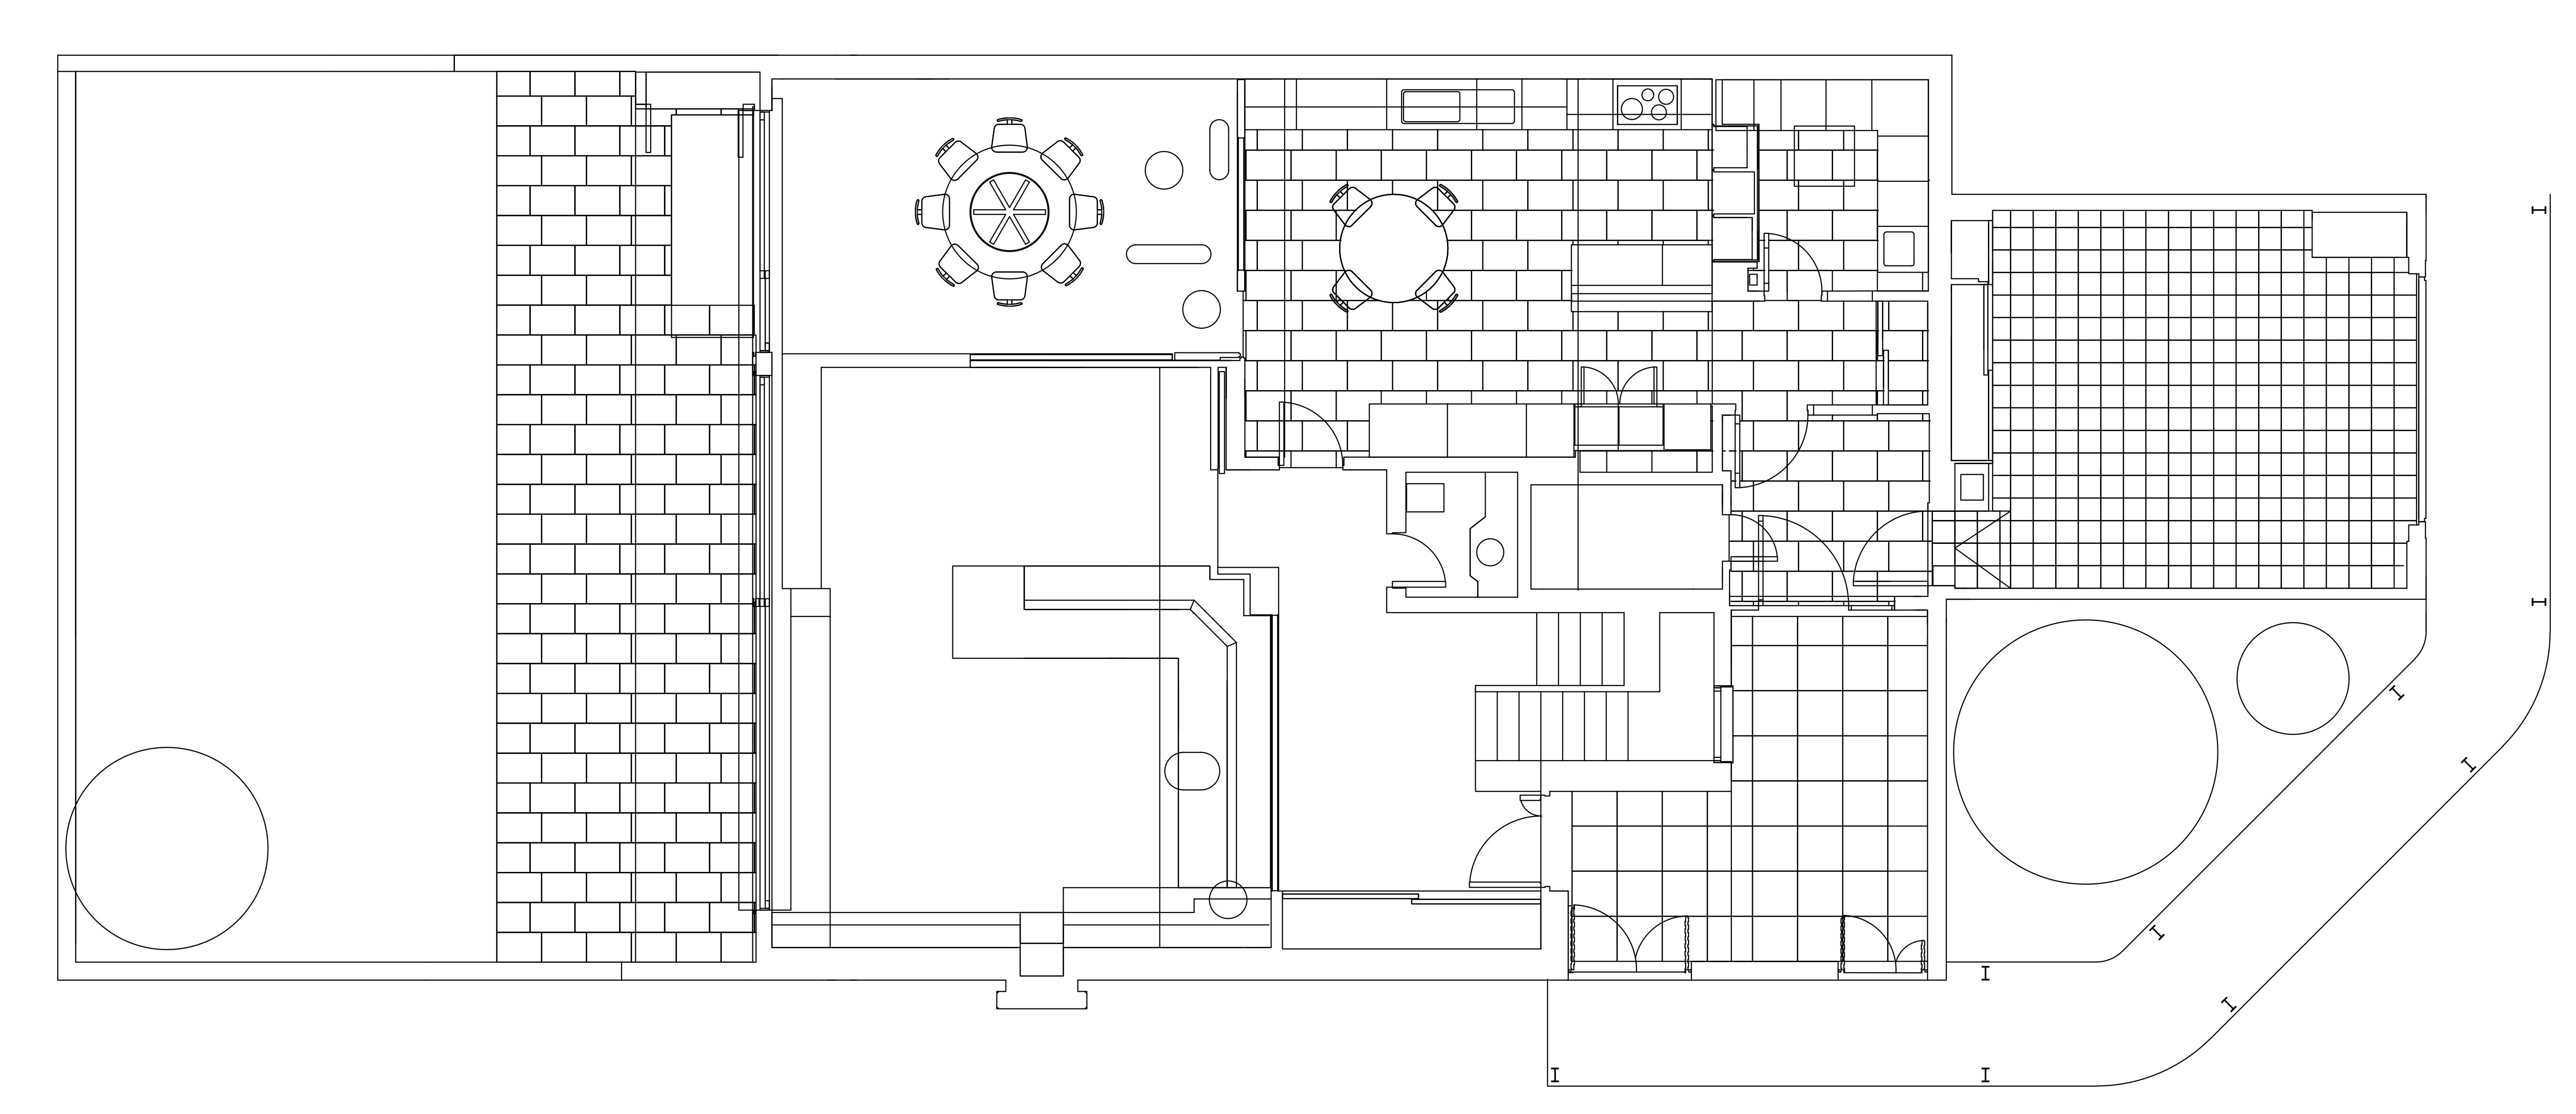 Reforma de una casa | Imagen de proyecto12